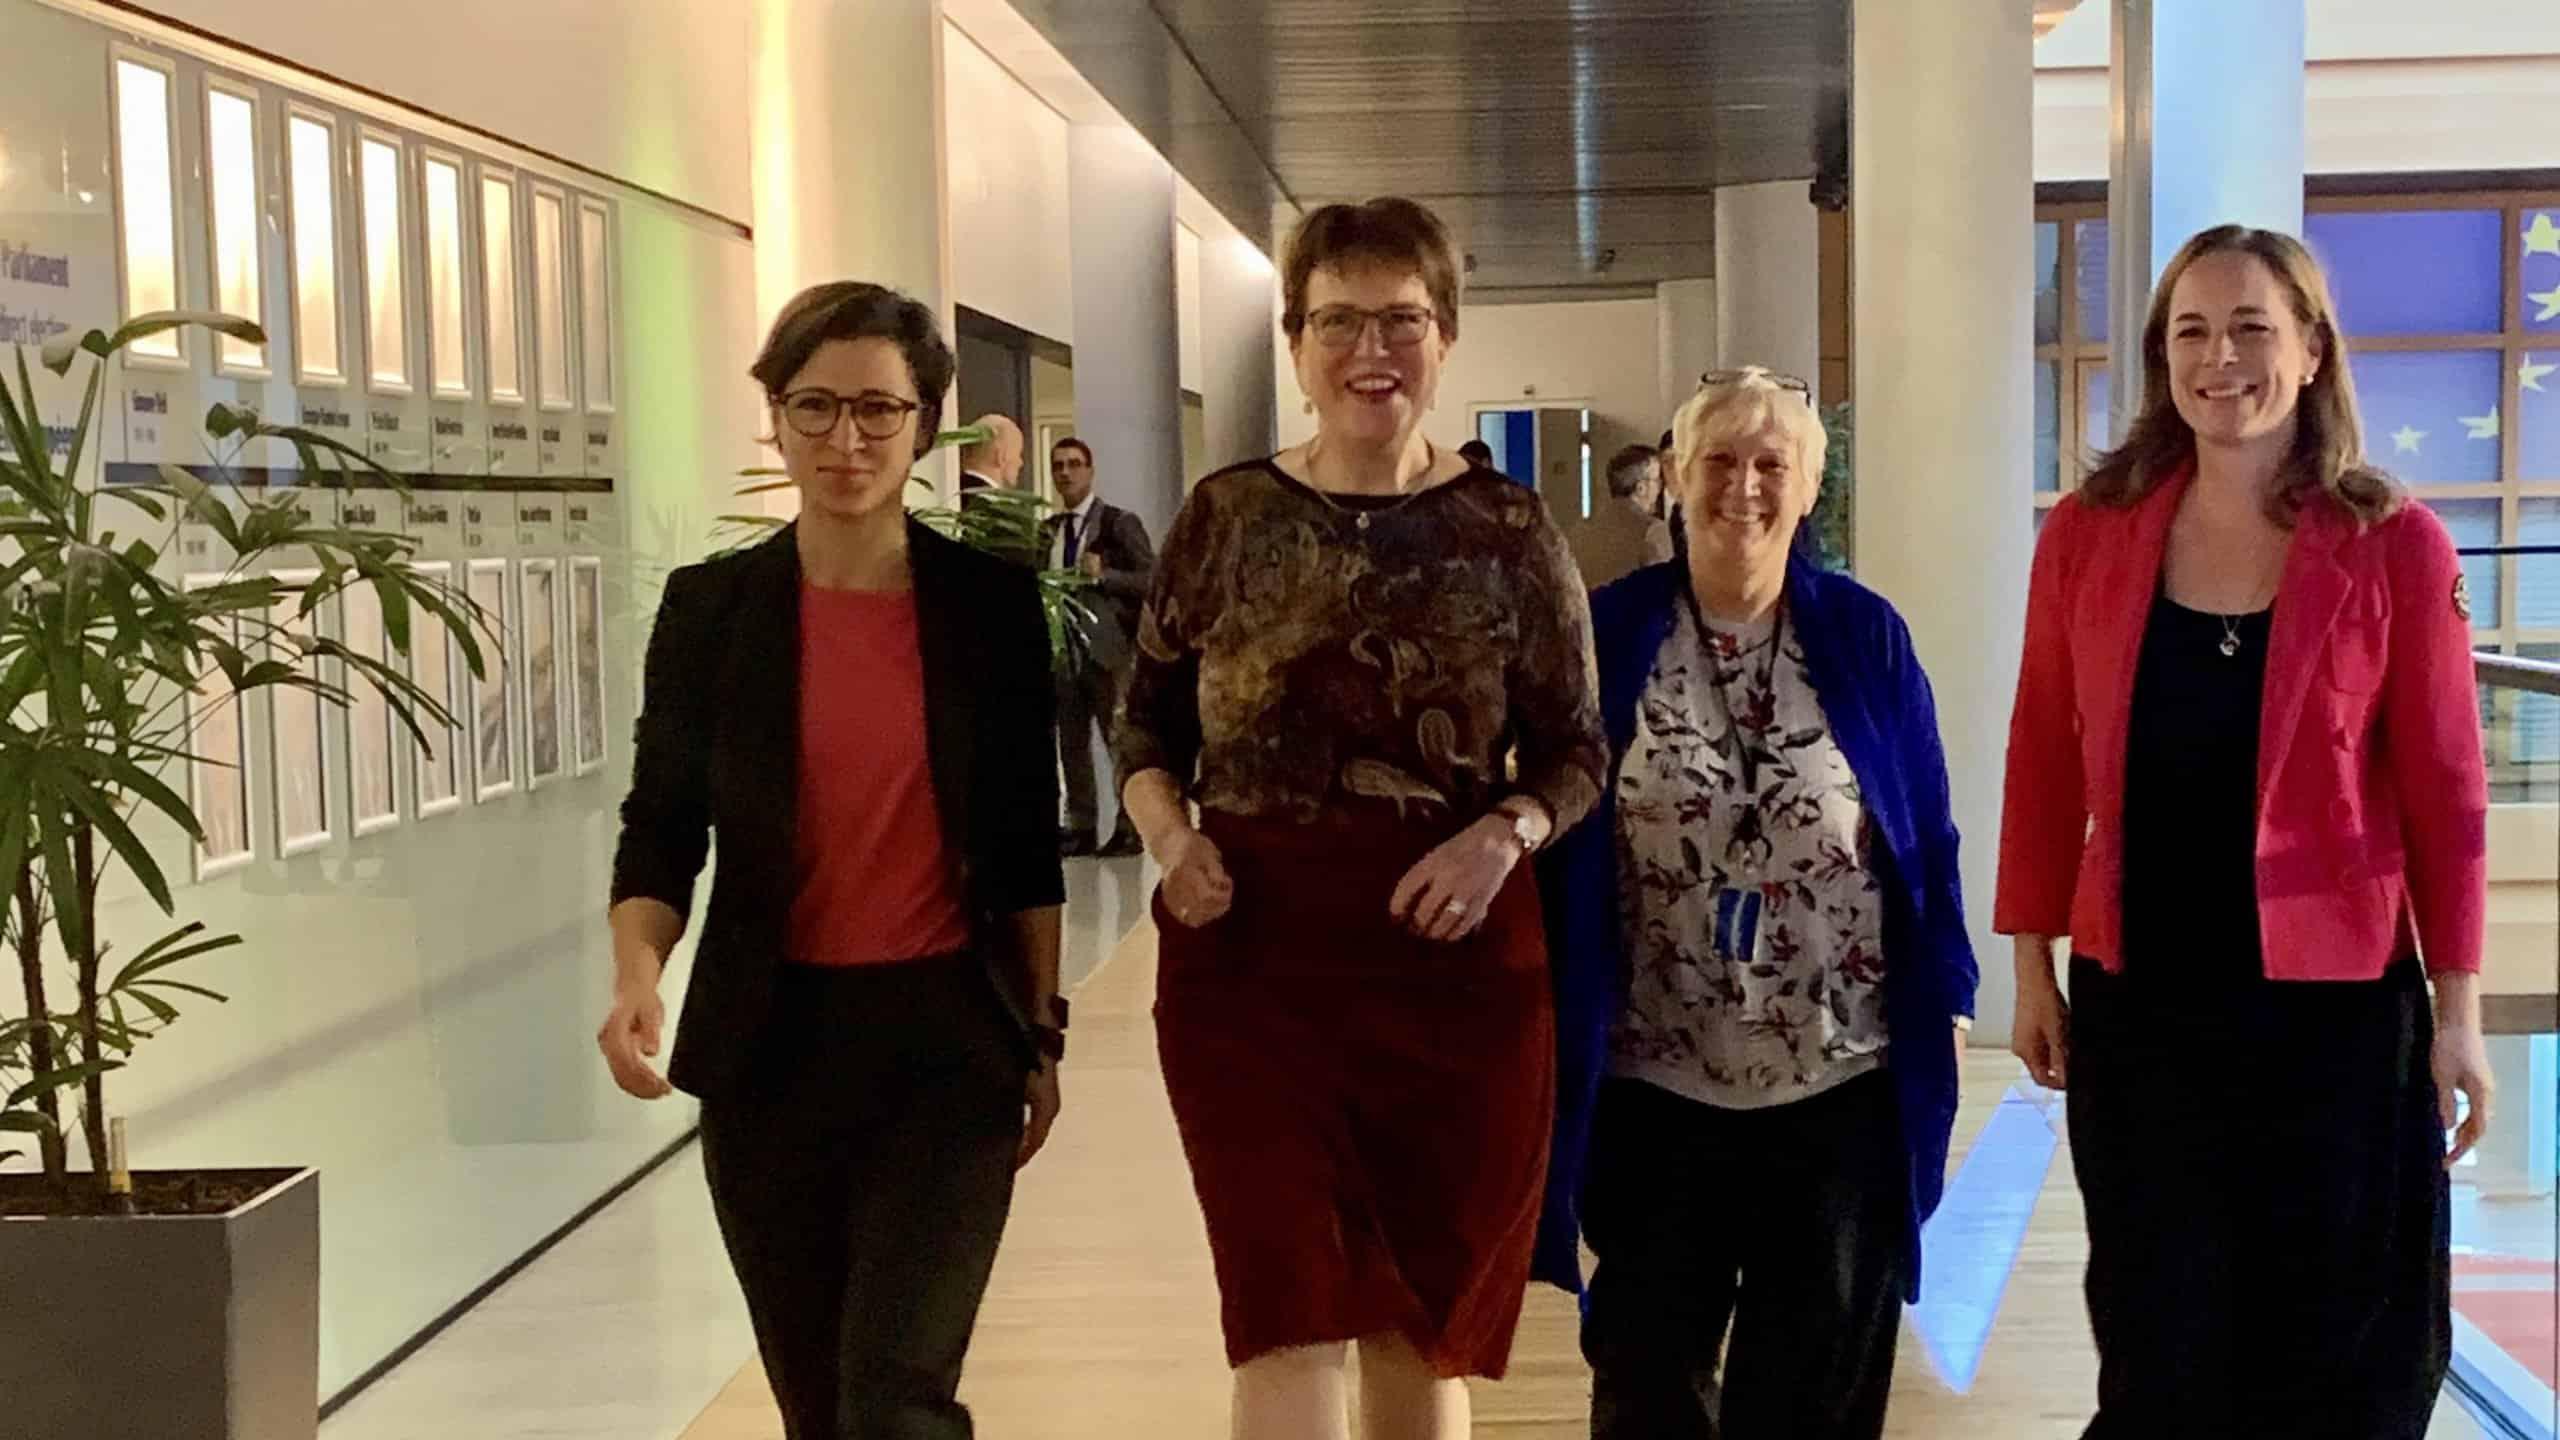 Hannah Neumann, Gaby Bischoff, Martina Michels und Hildegard Bentele (v.l.n.r.) fordern einen Nachtzug zwischen Berlin und Brüssel.